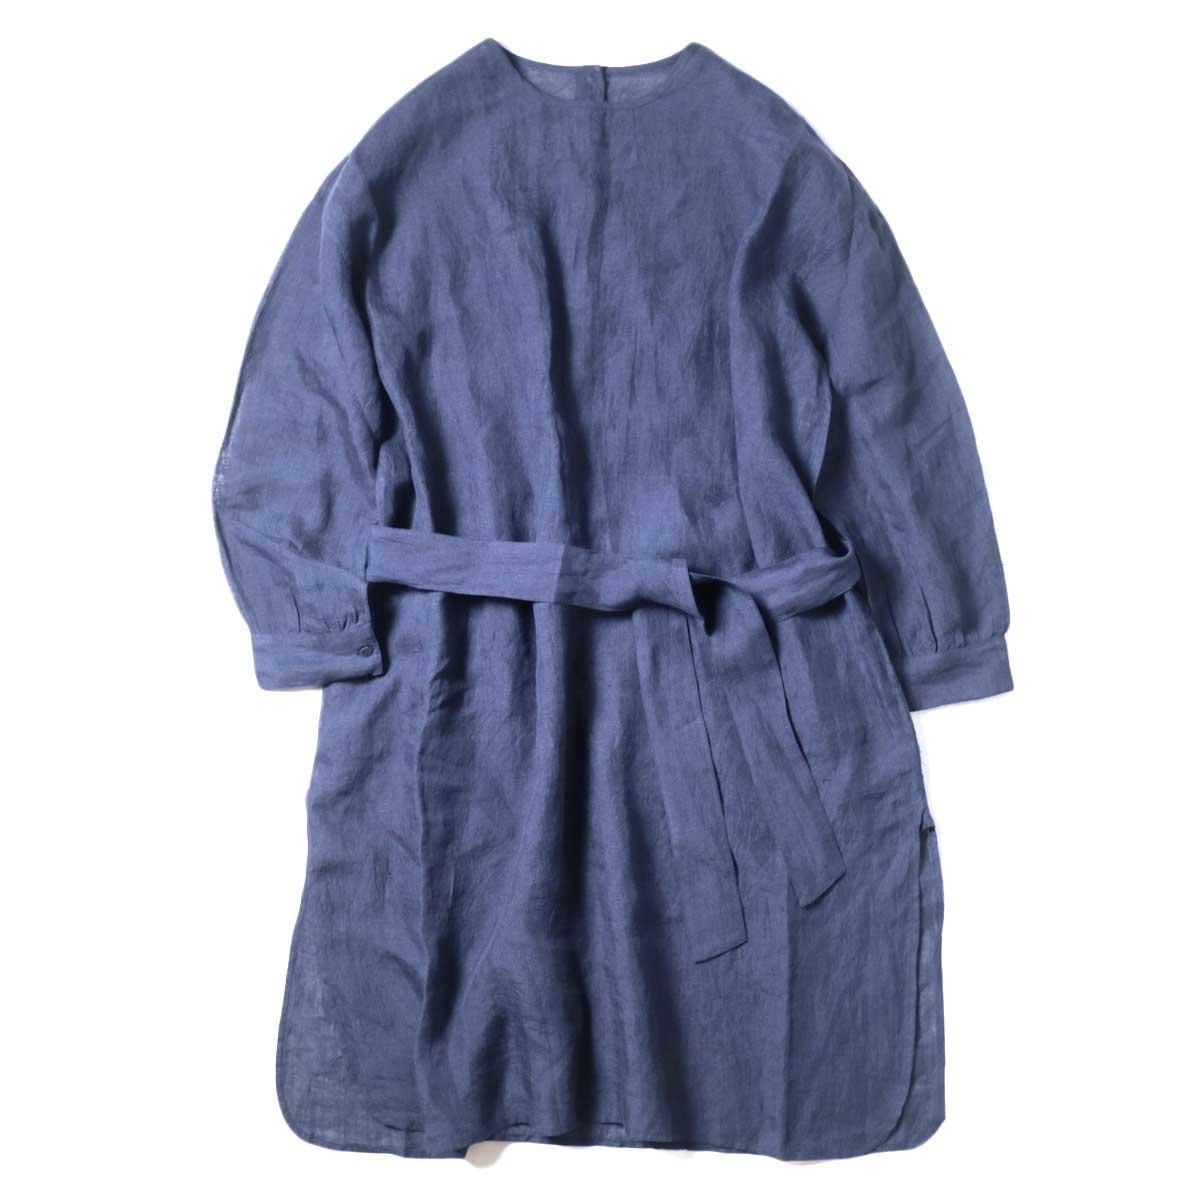 maison de soil / BACK OPENING CREN-NECK SHIRT DRESS (Navy)